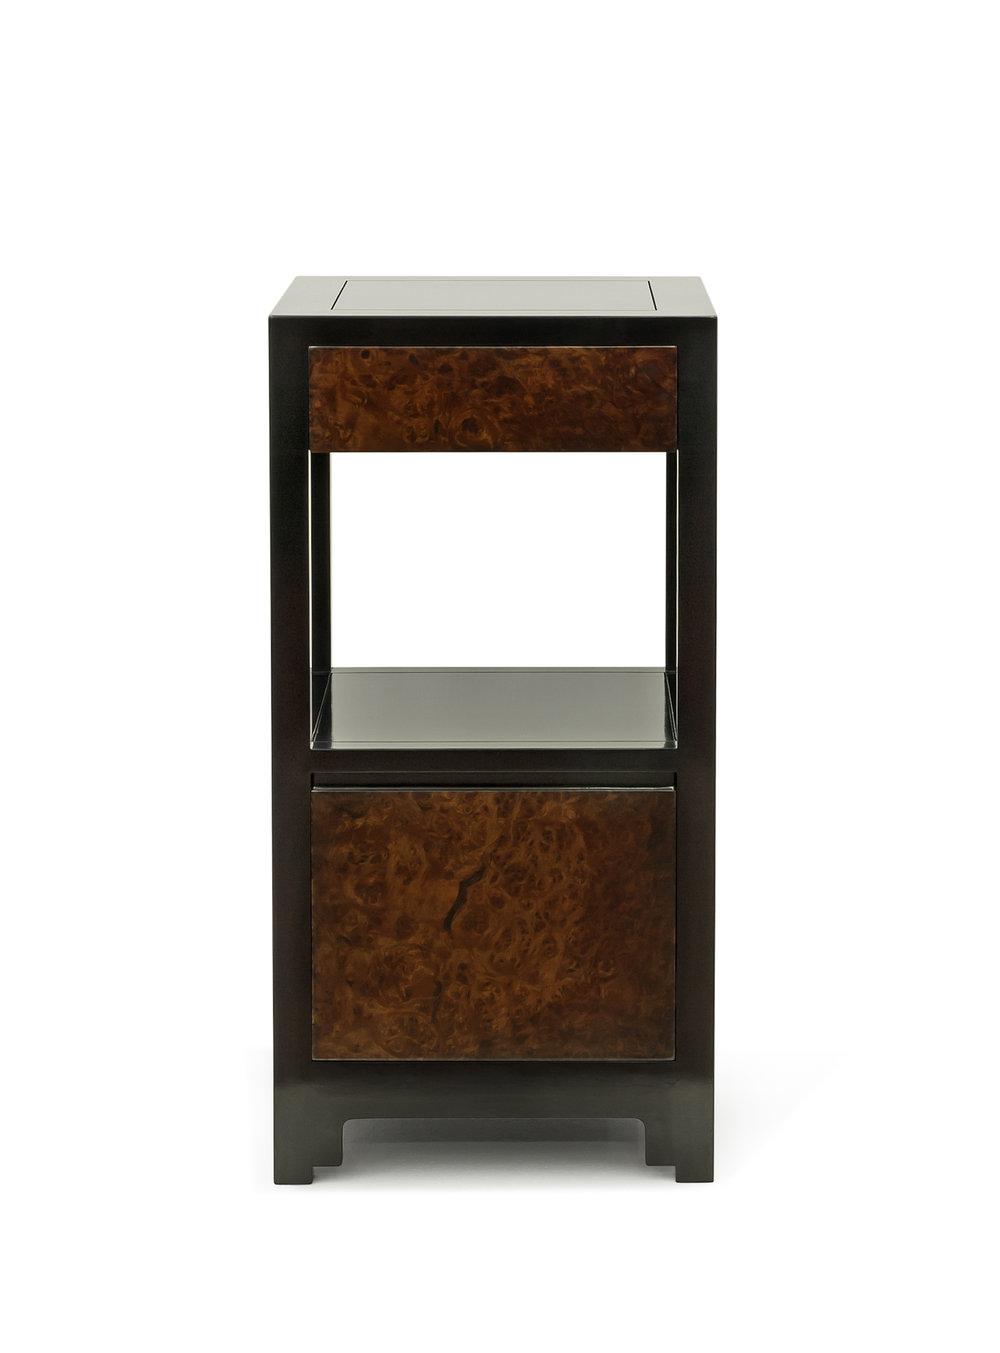 ....bespoke chinese furniture : stand..特别定制设计中式家具 :花几....